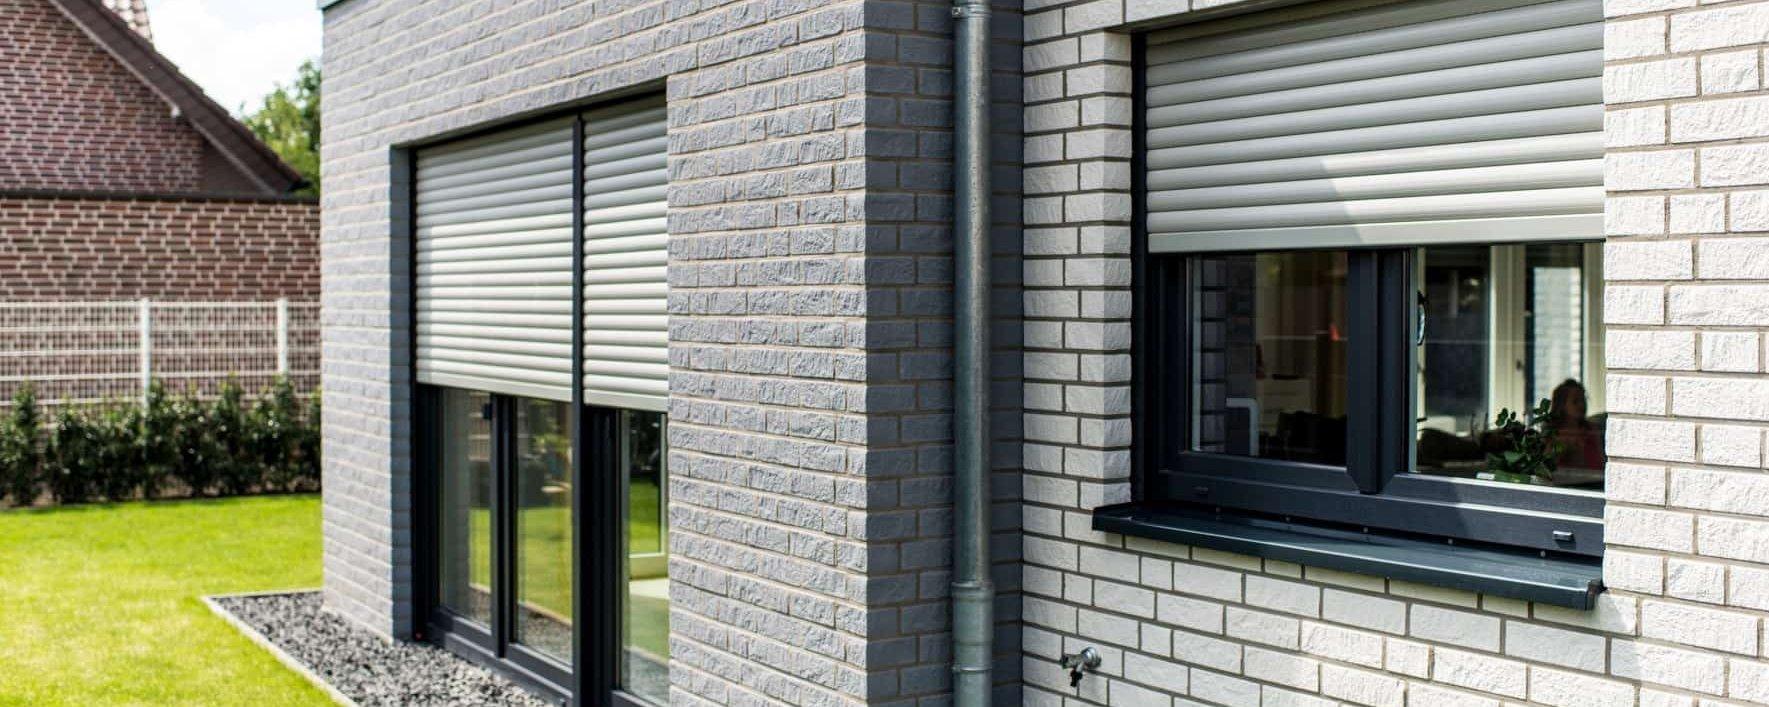 Full Size of Fenster Austauschen Alte Renovieren Oder Heim Haus Magazin Einbruchschutz Standardmaße Velux Kaufen Herne Gardinen Einbauen Kosten Alarmanlagen Für Und Fenster Fenster Austauschen